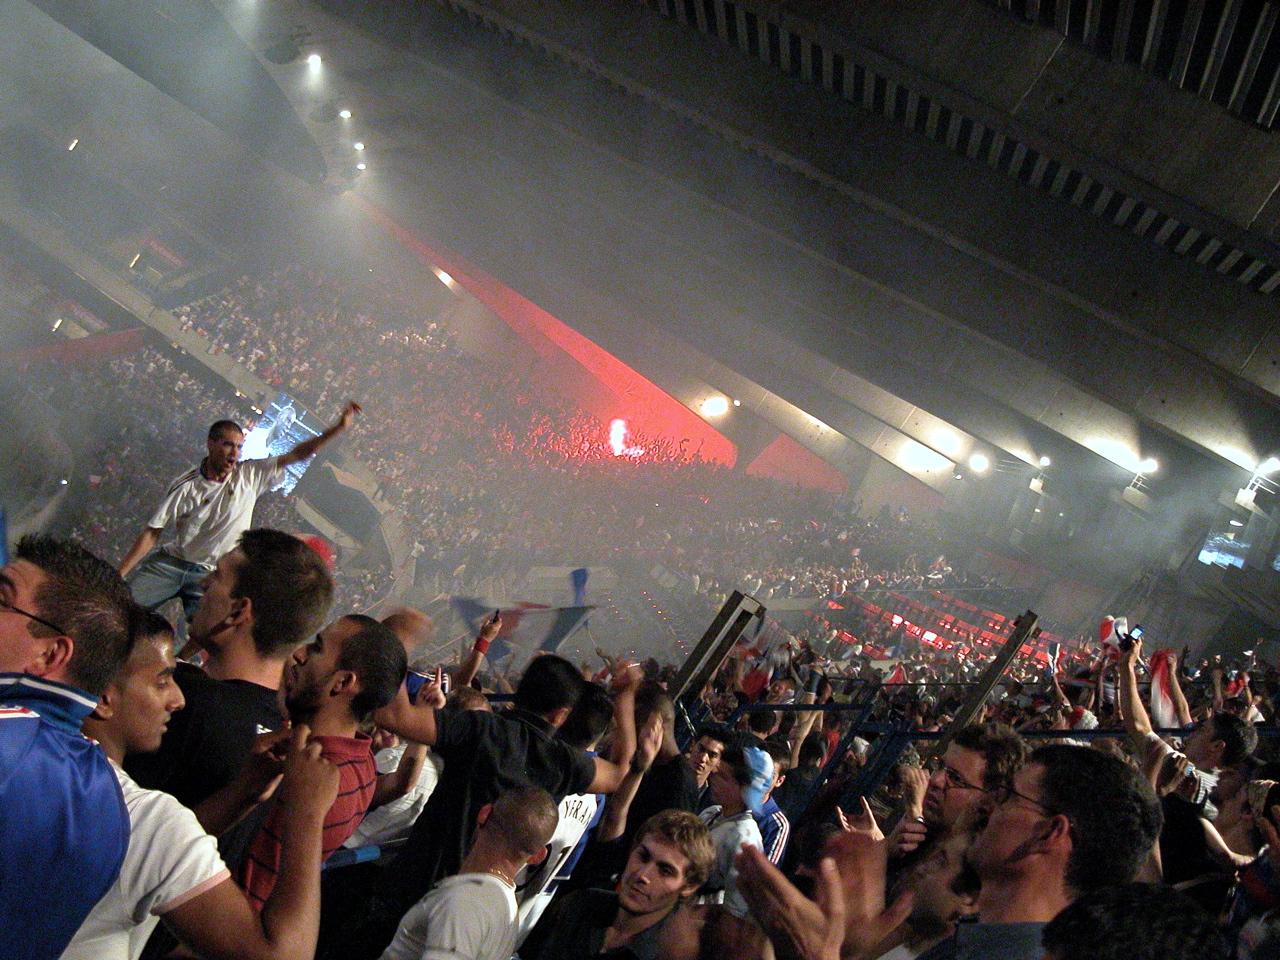 Nach dem Halbfinale feiernde Leute im Prinzenparkstadion in Paris.